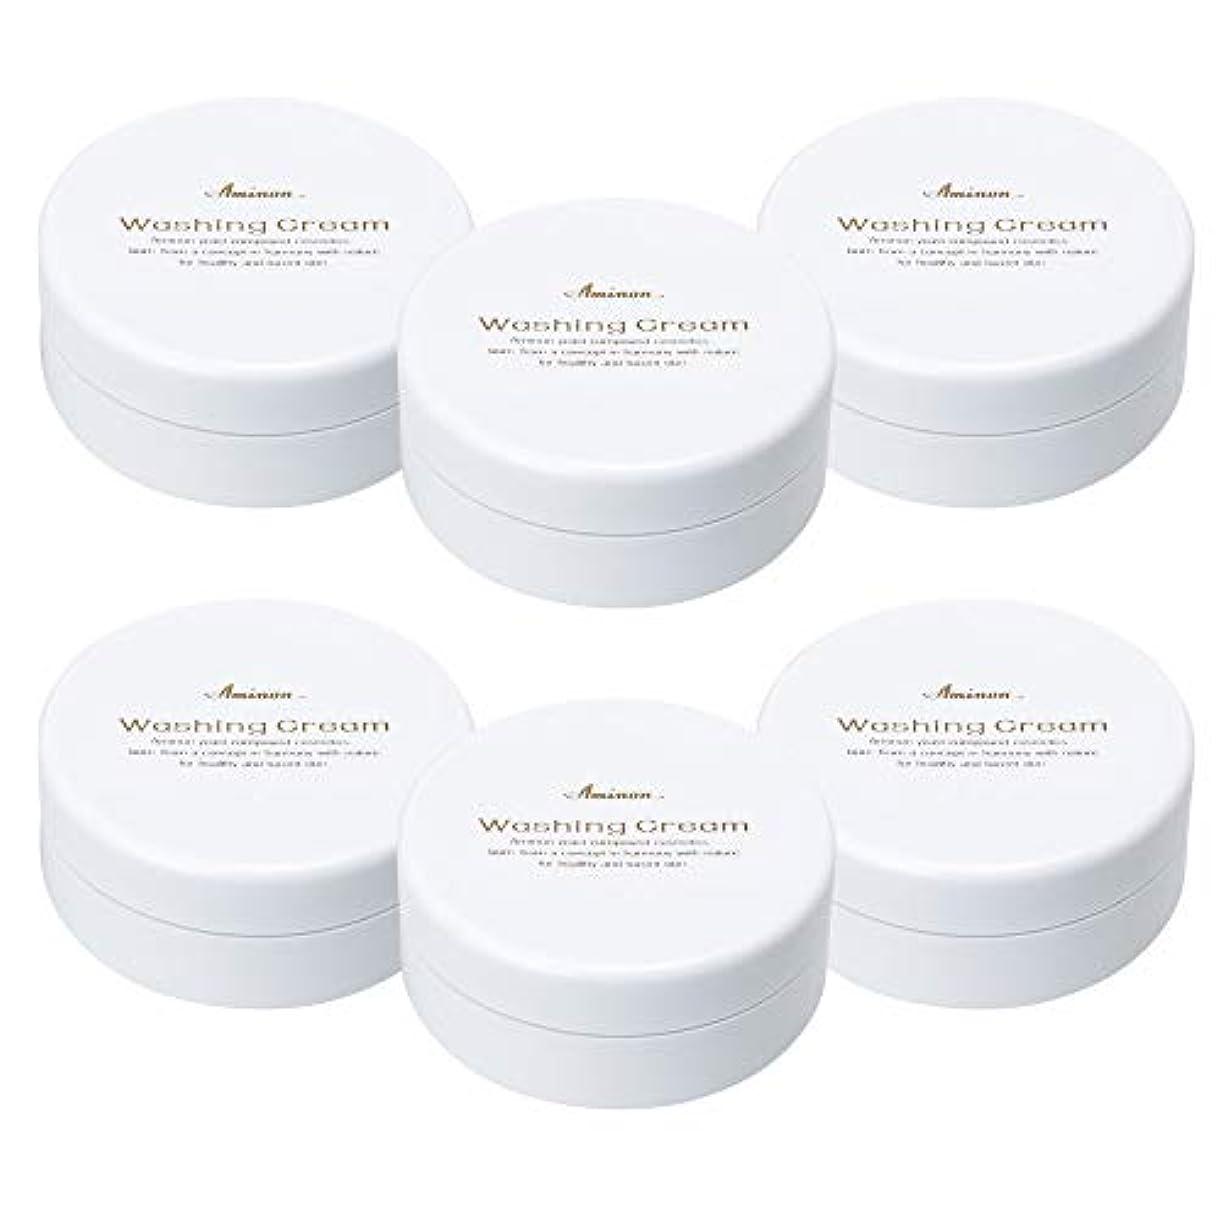 ディスク注文ランデブーアミノン 洗顔クリーム 90g (6個セット)